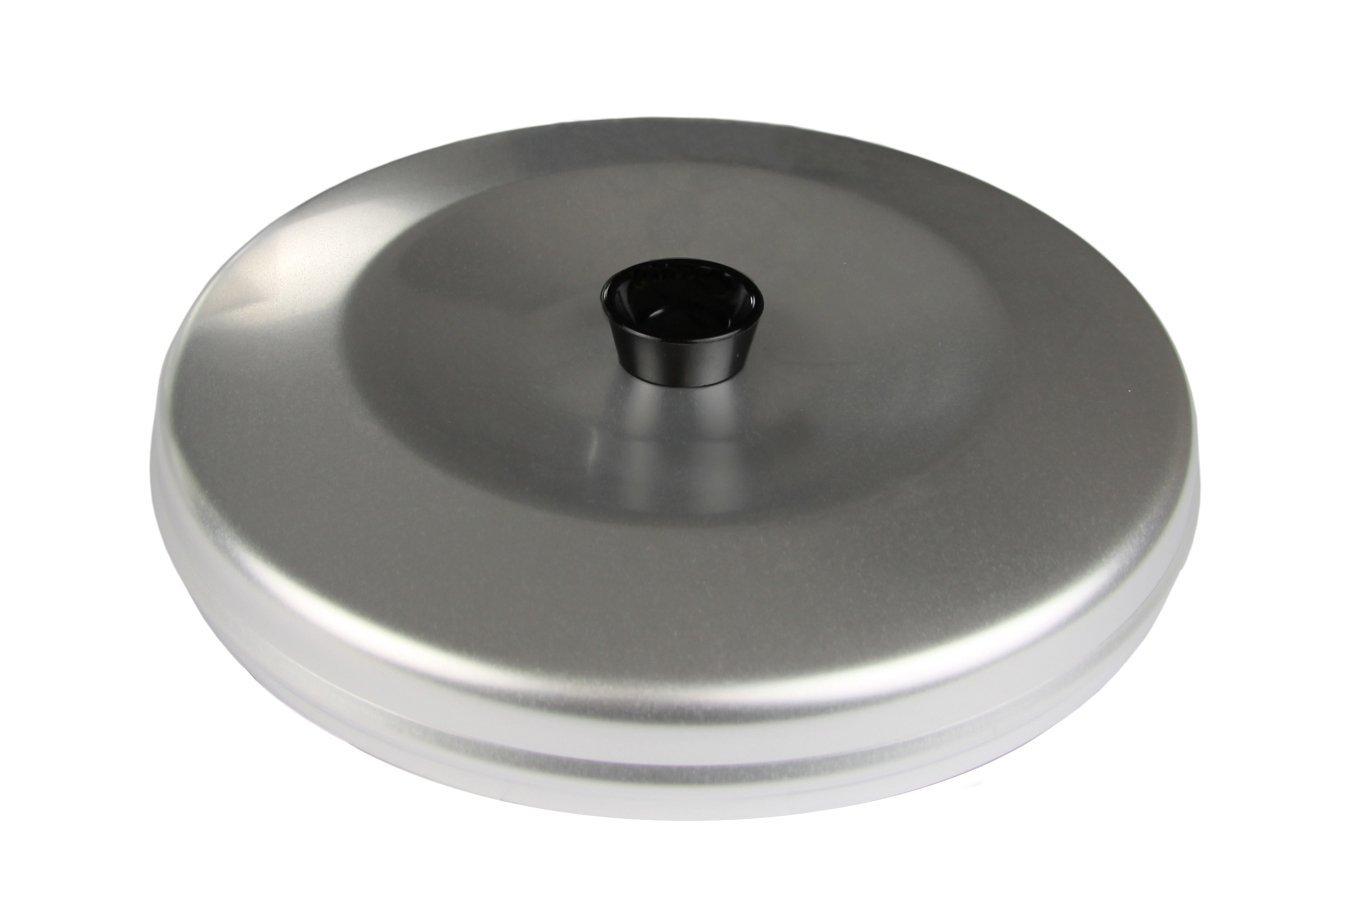 Trangia Deckel für Bratpfanne 725-24 (307254), 160 g